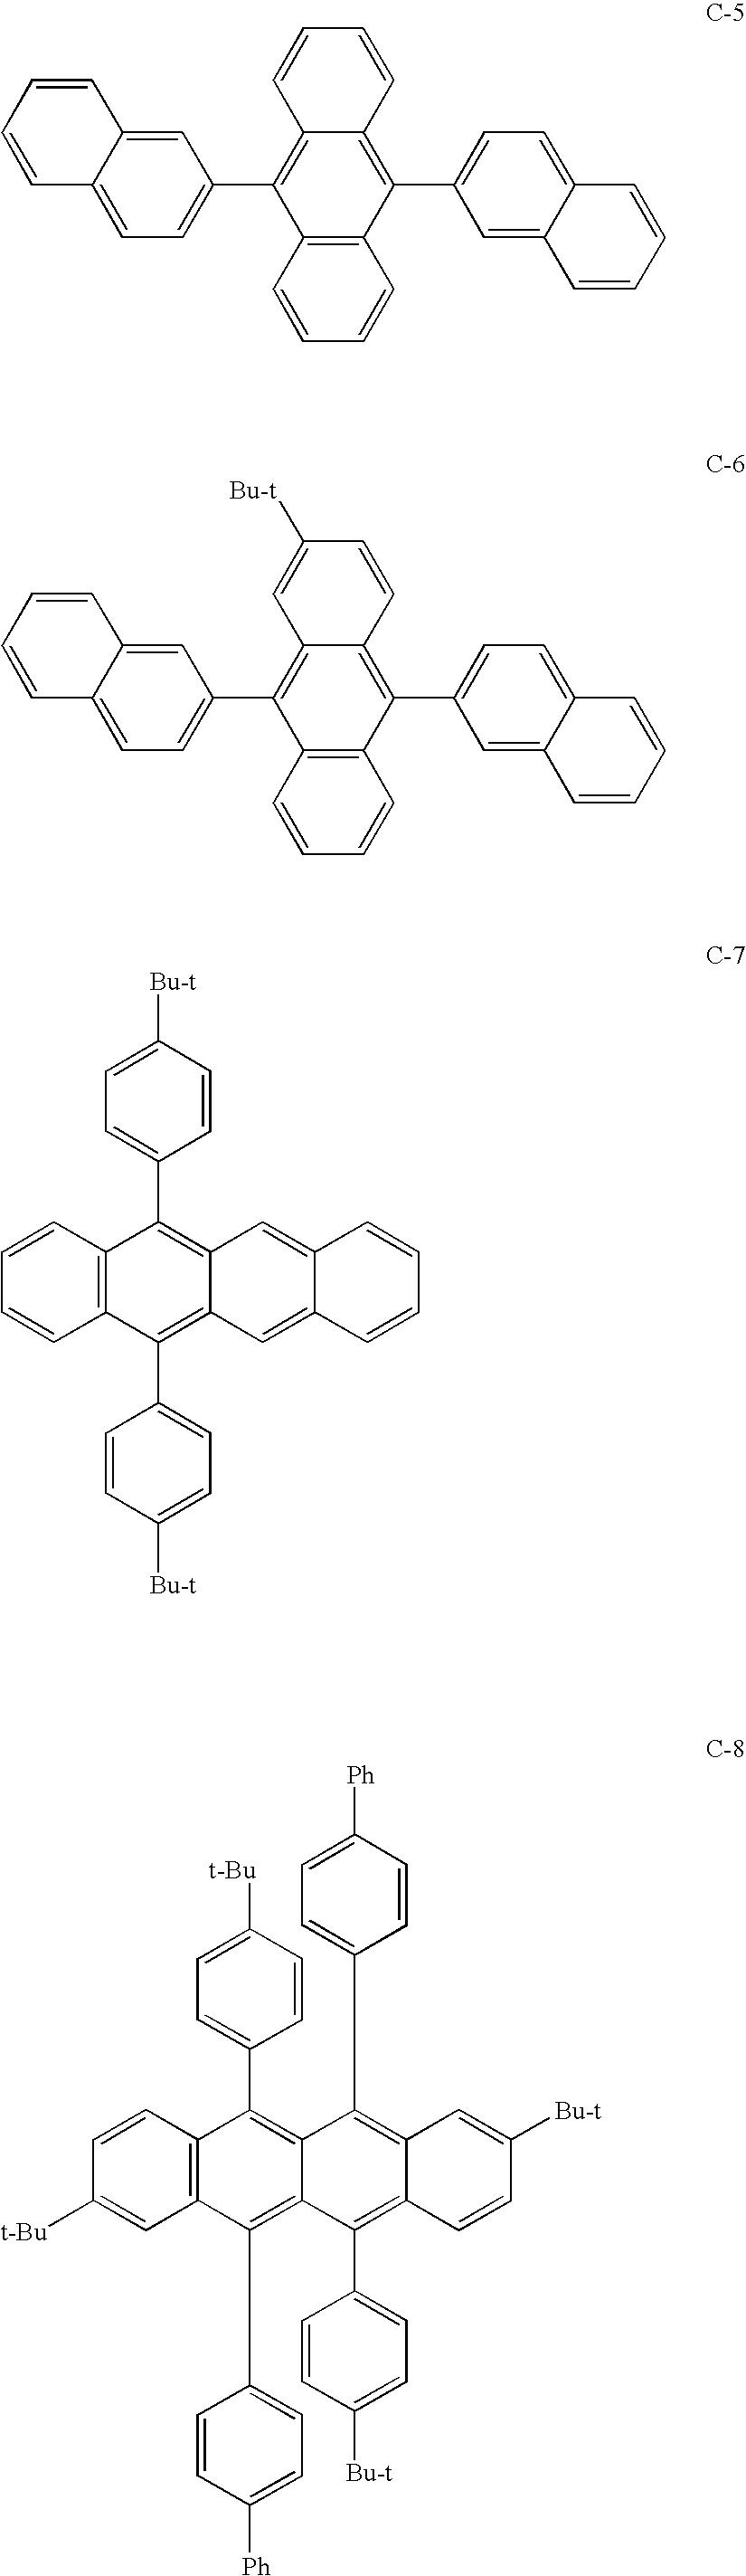 Figure US07821201-20101026-C00007